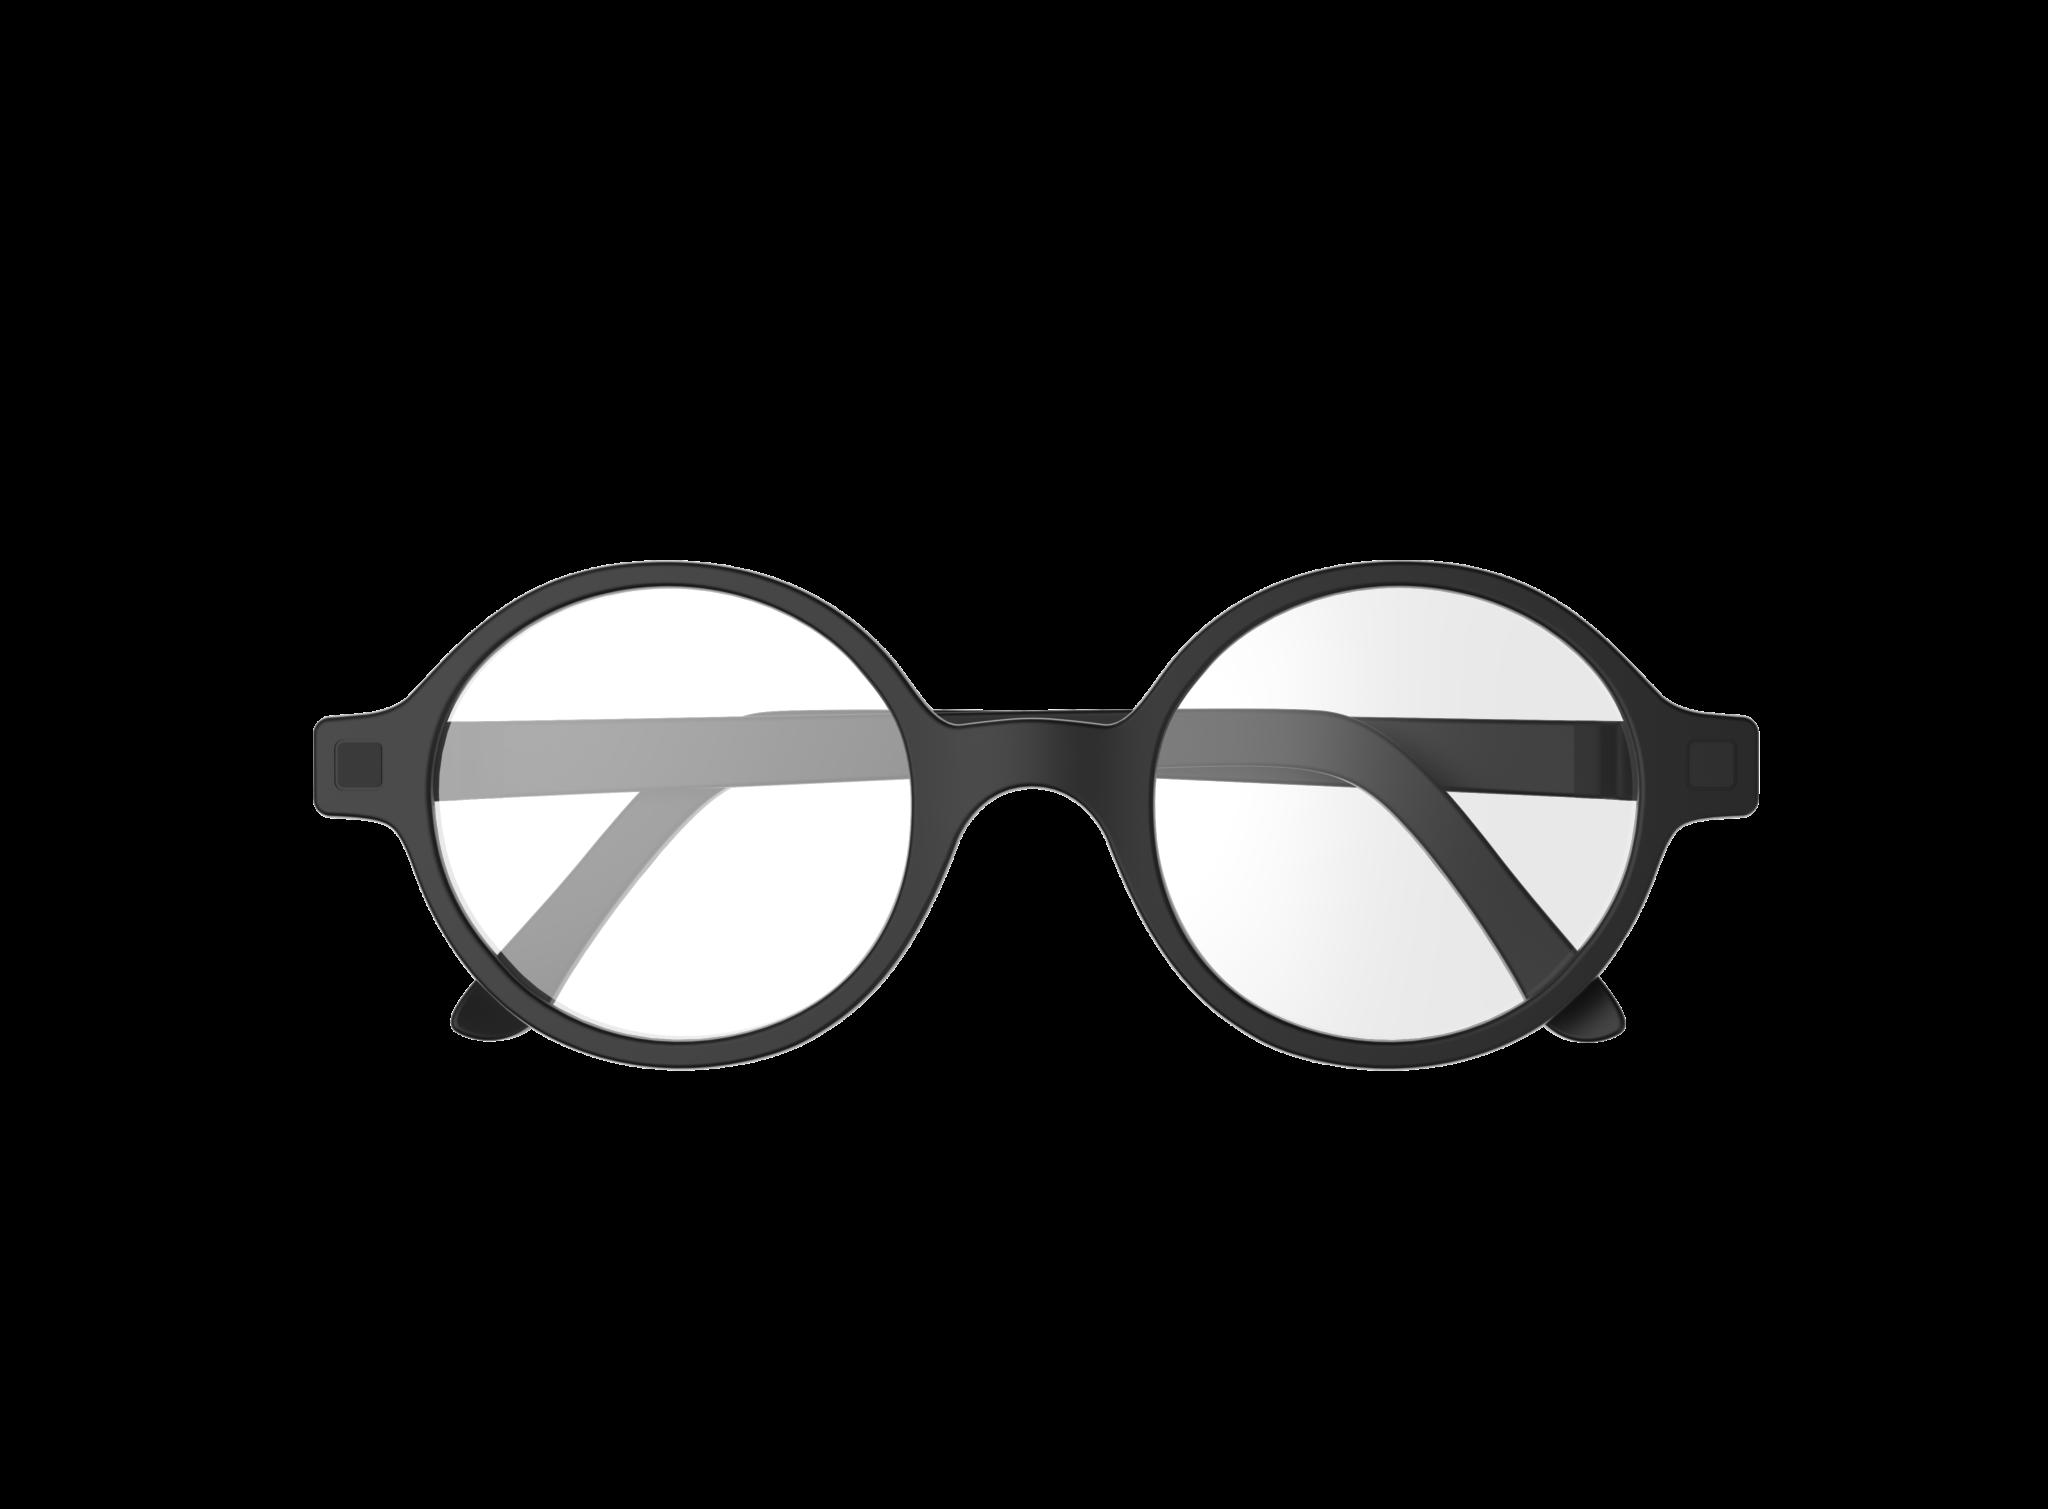 Ki ET LA lance une gamme de lunettes filtrant la lumière bleue des ... 8142660ecf13